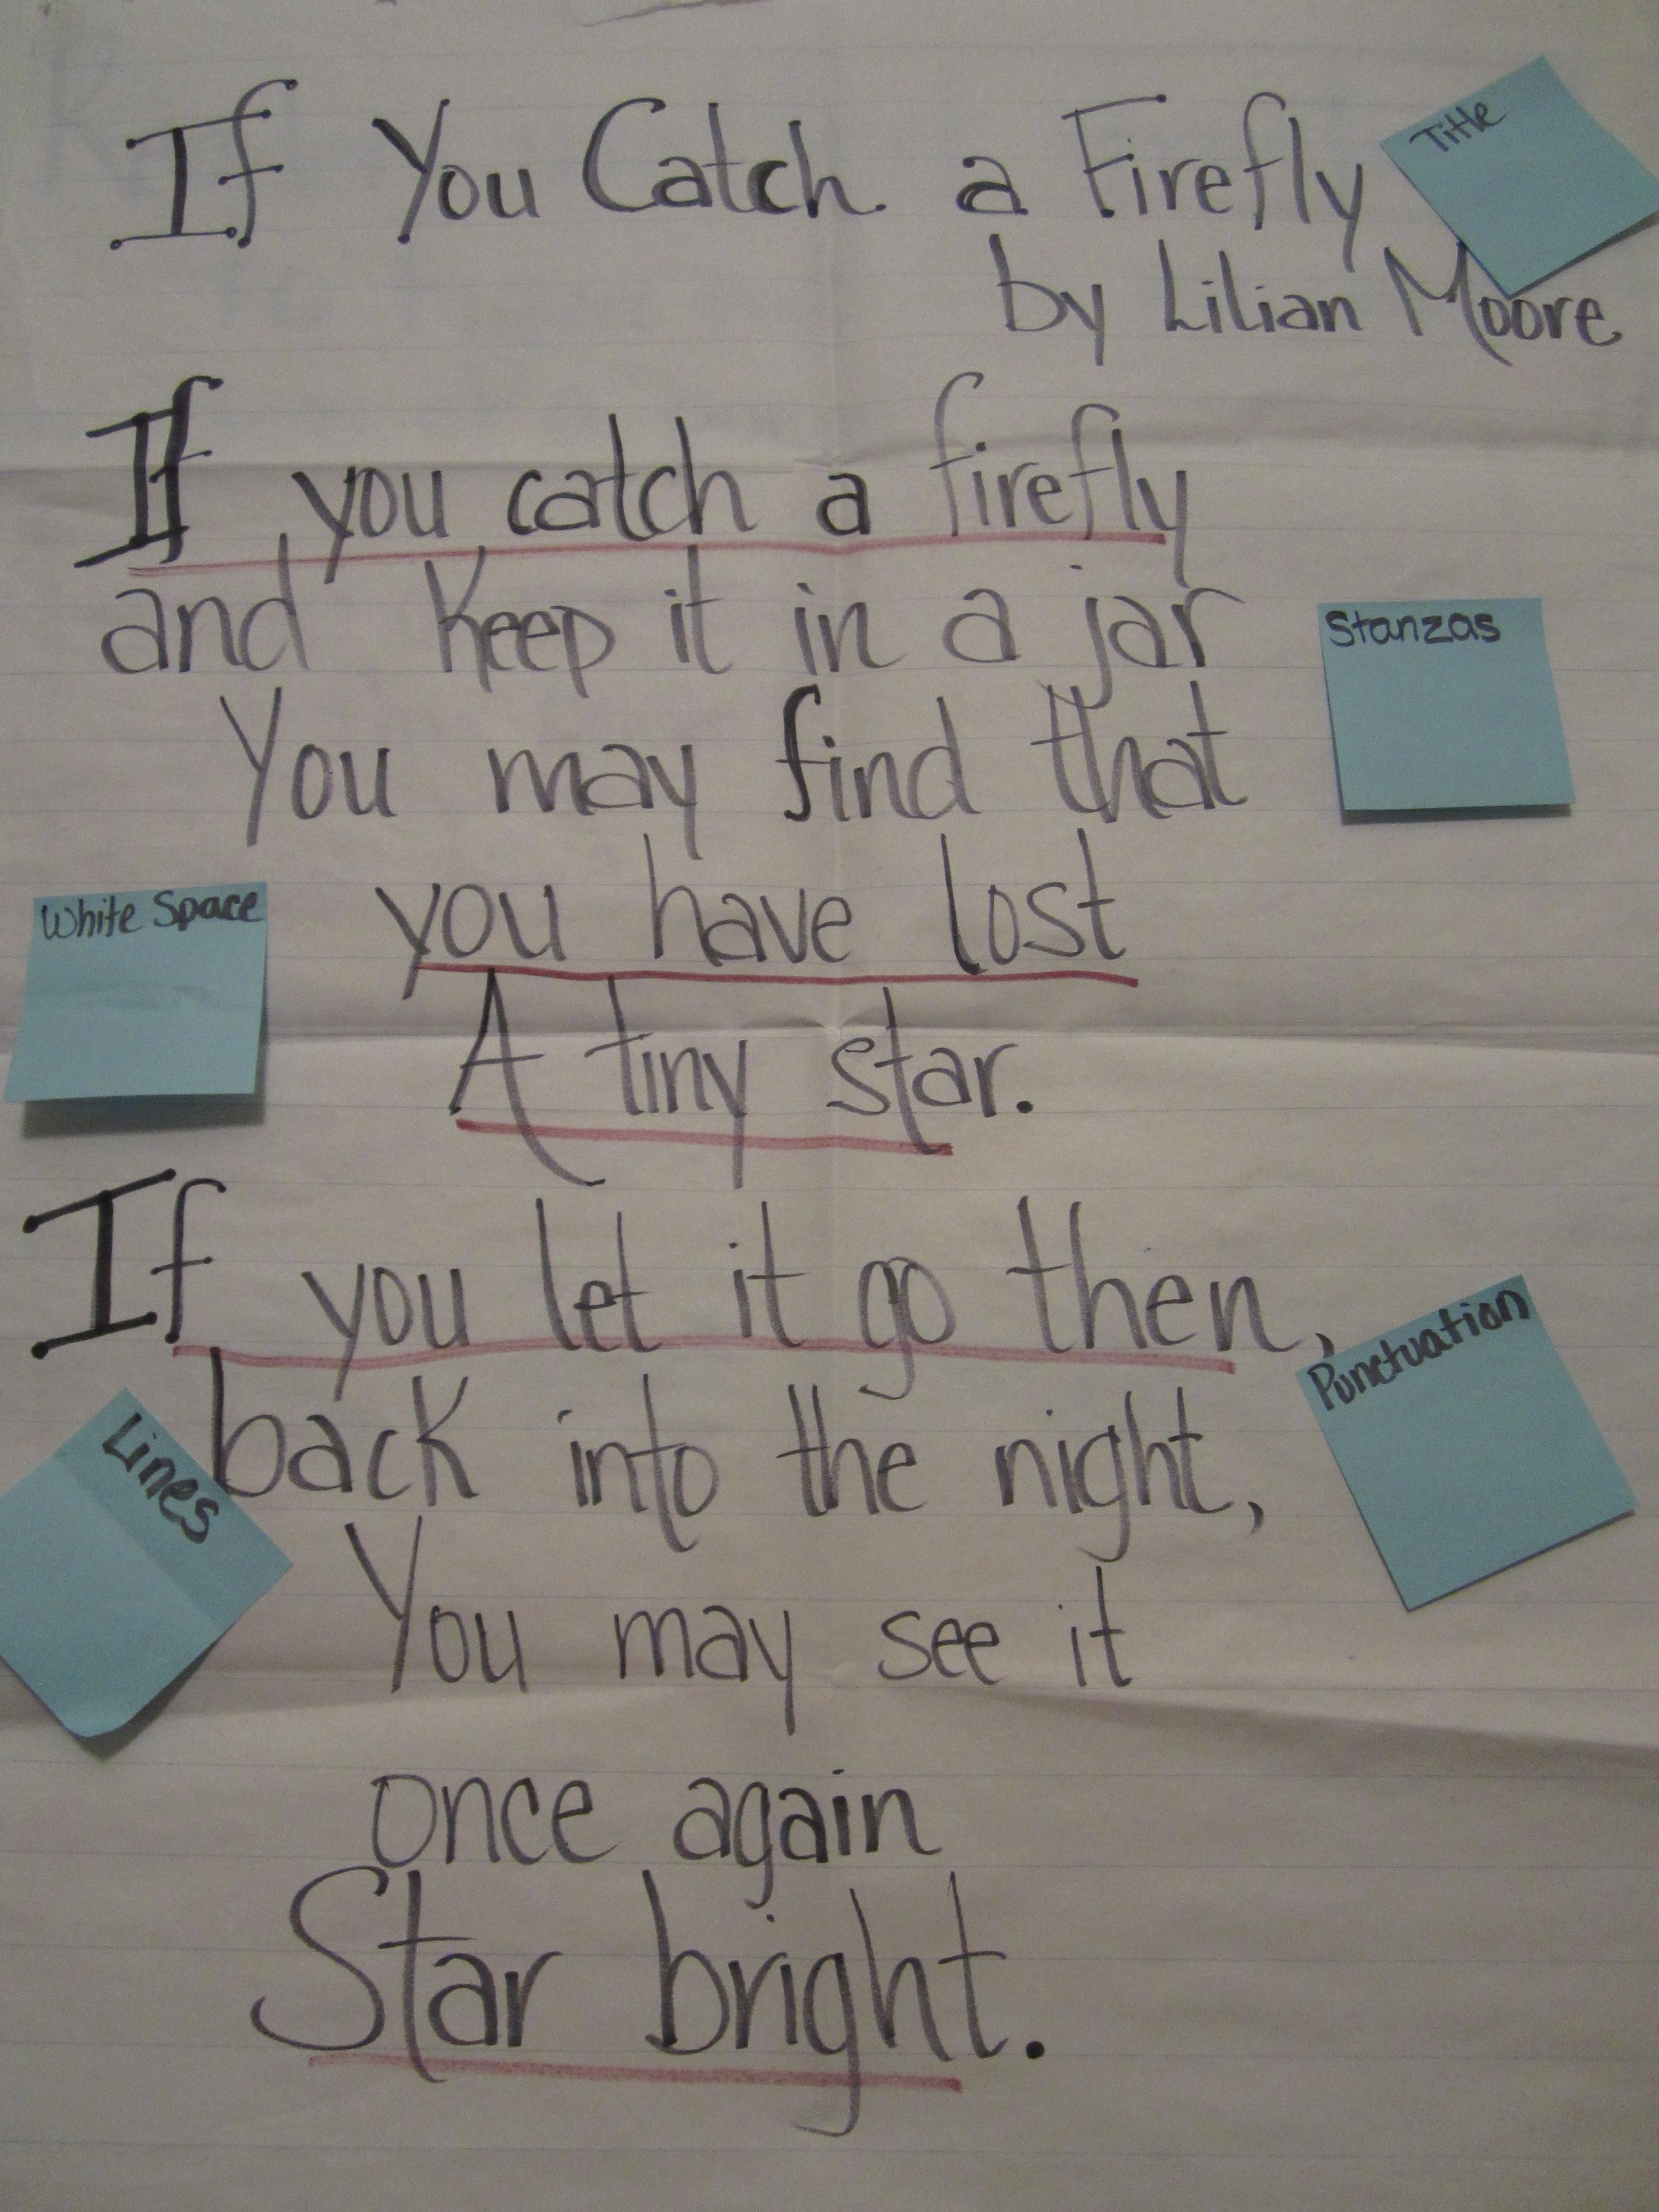 3 stanza love poem